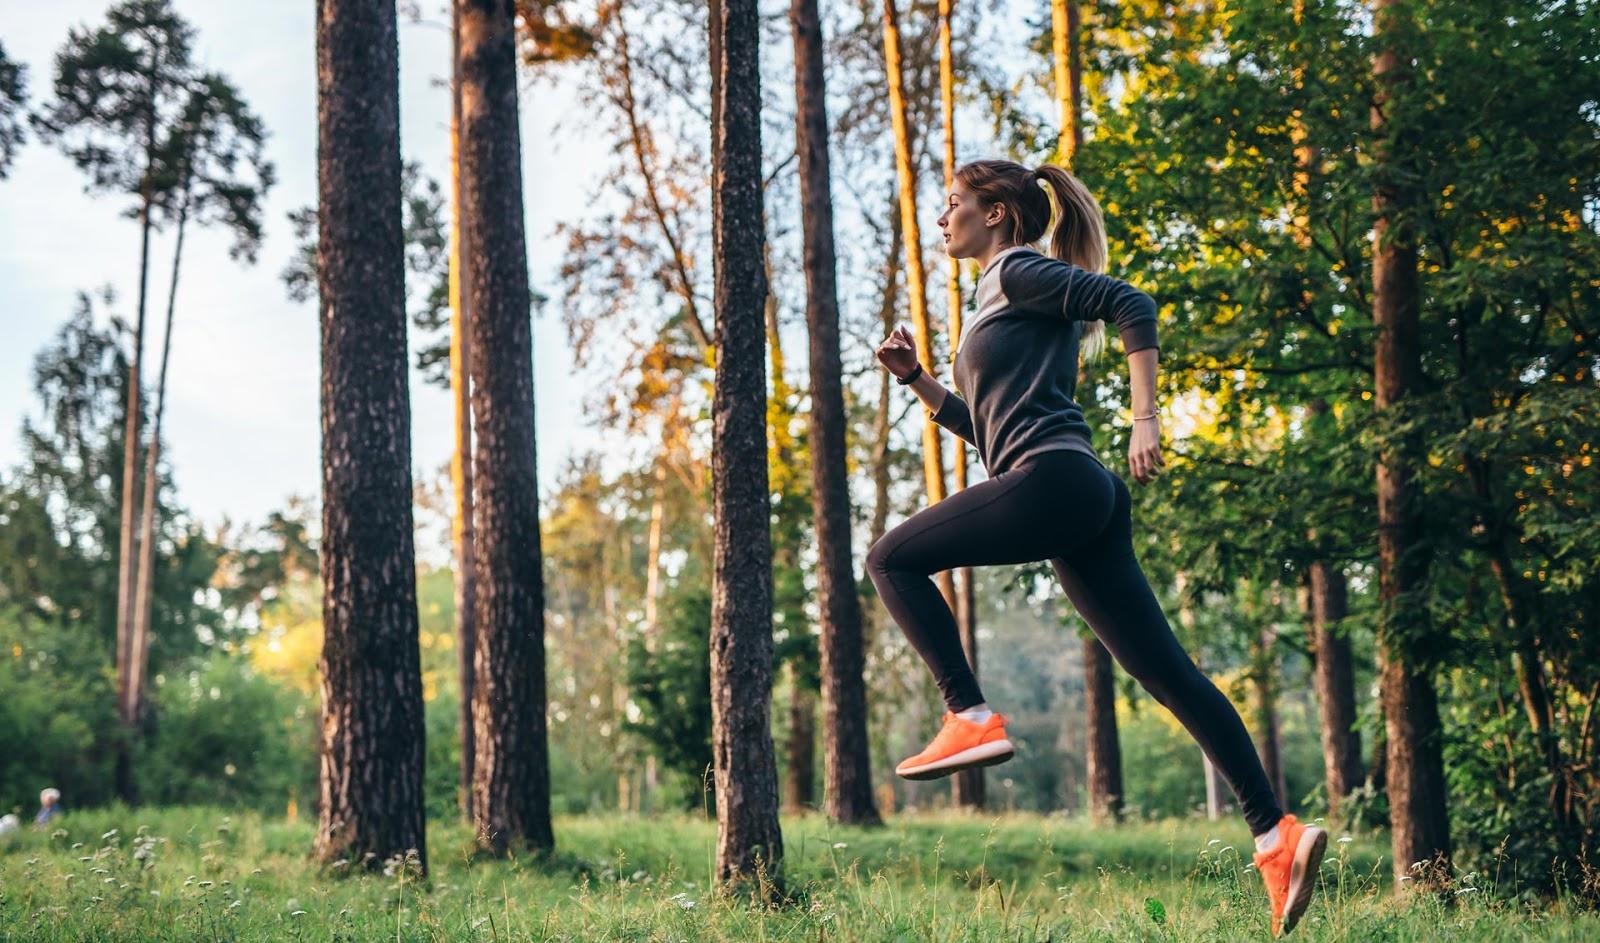 adelgazar de forma sana y segura